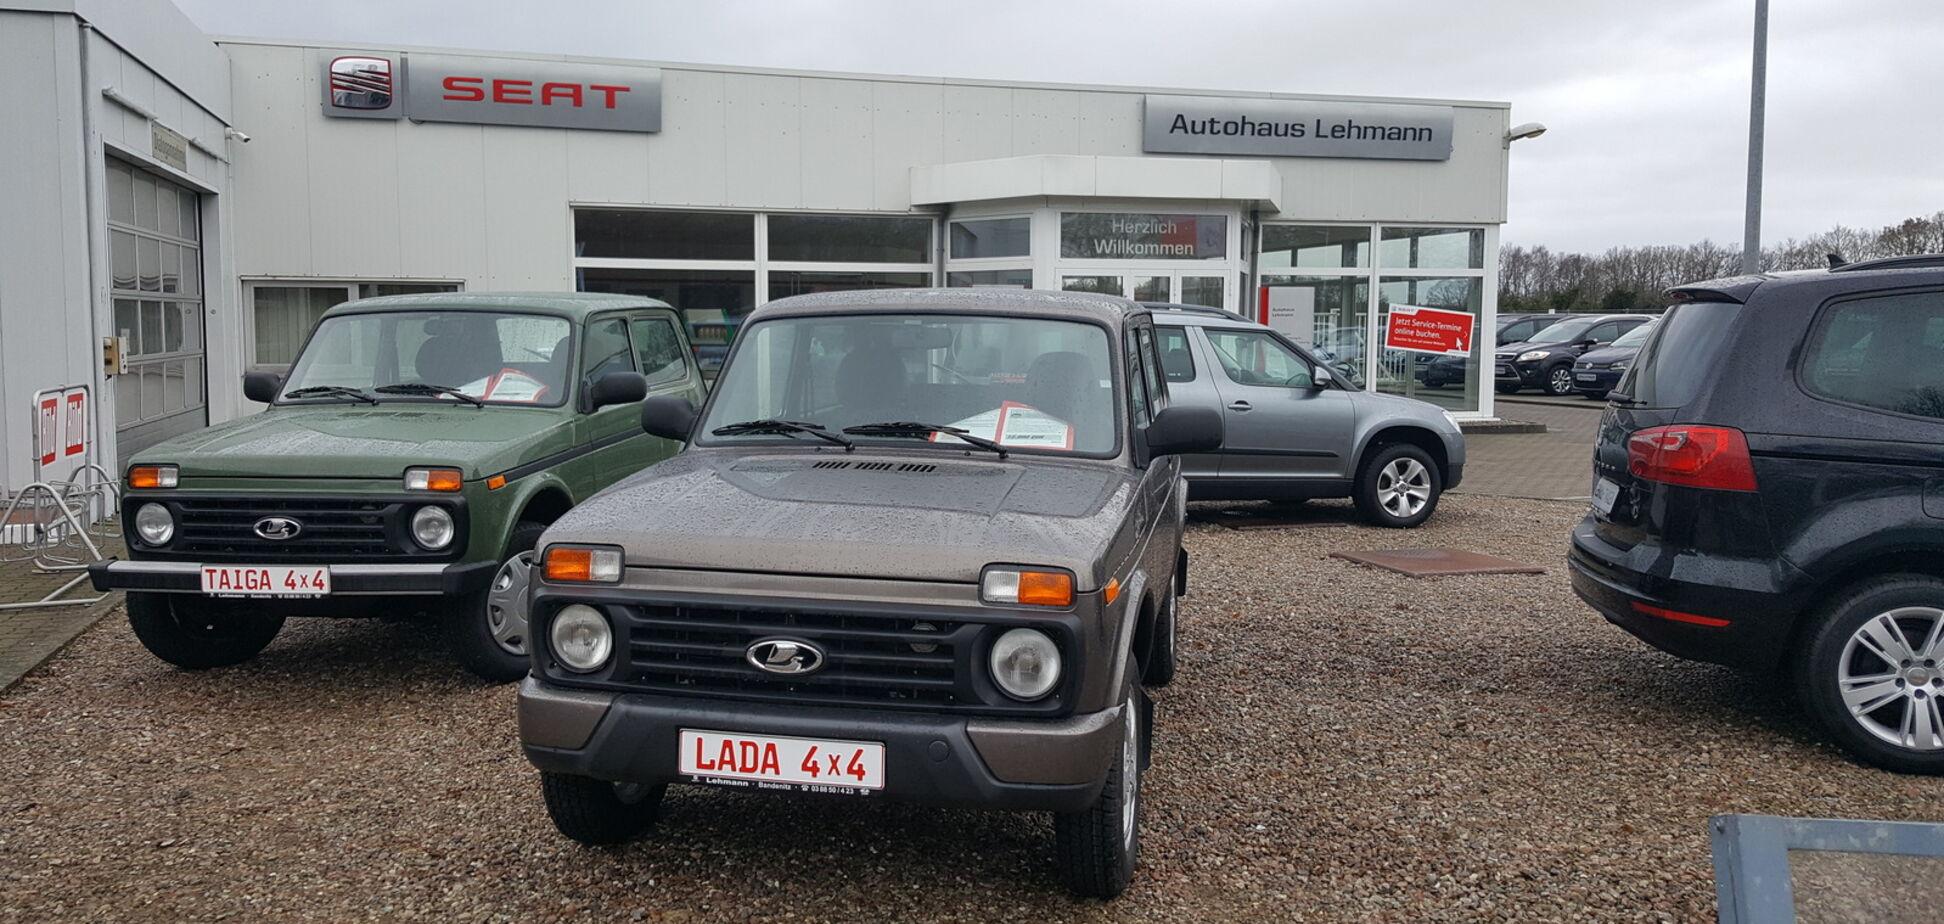 Раптово: німці захотіли повернення автомобілів Lada до Європи